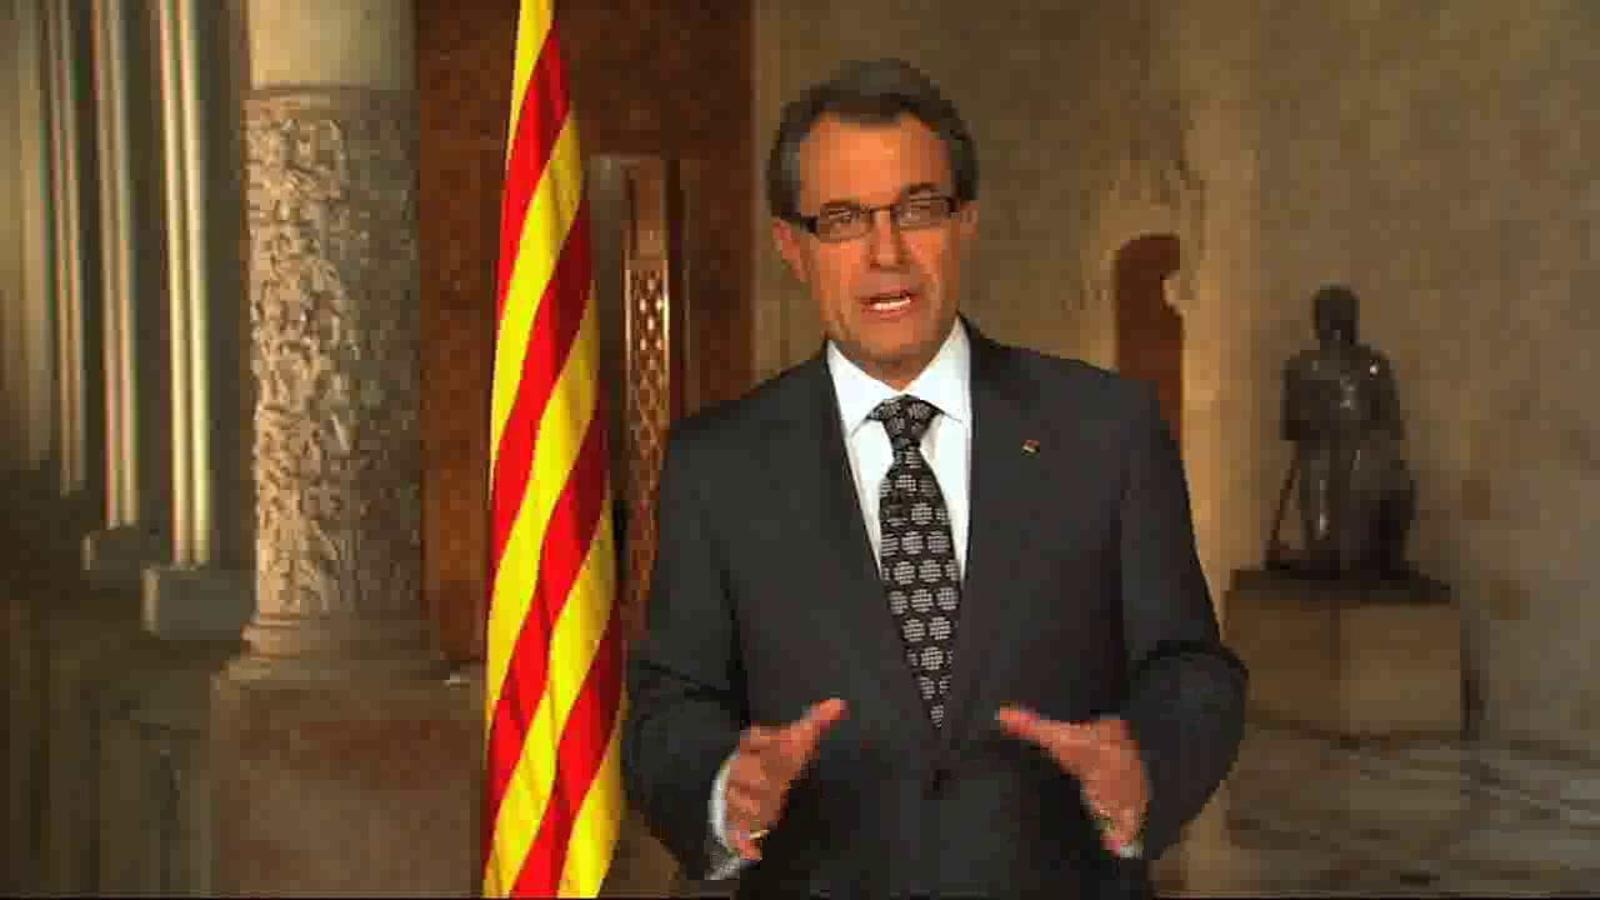 Missatge d'Artur Mas per la Diada: Podríem ser un poble derrotat, però som un poble viu i amb futur